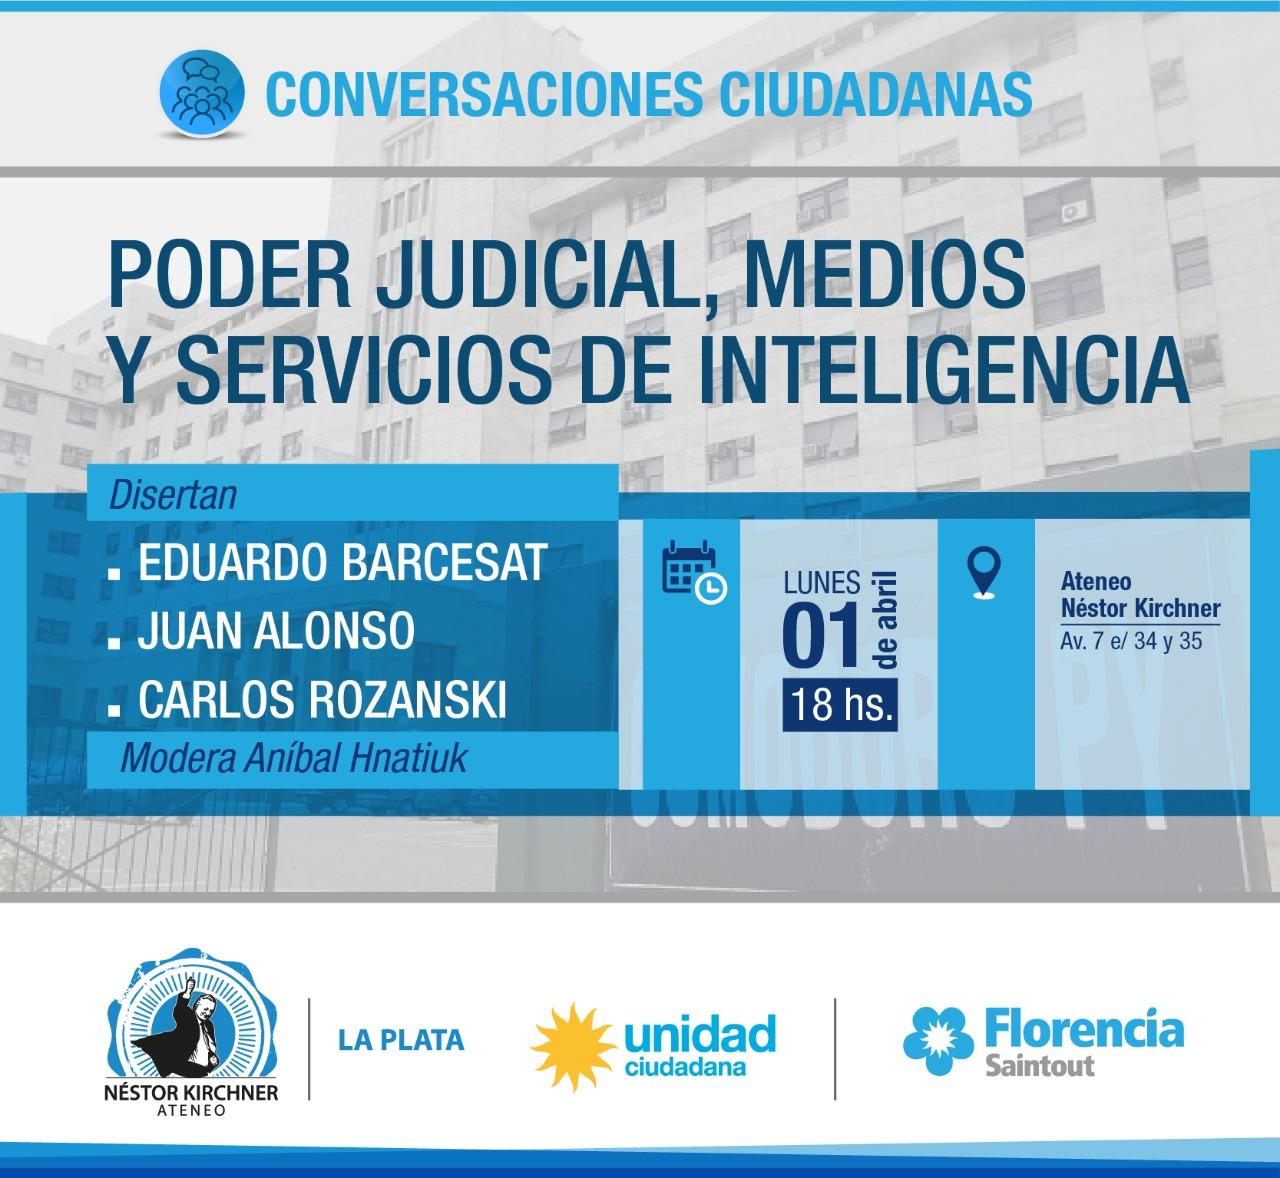 Los juristas Eduardo Barcesat y Carlos Rozansky y una trama: Justicia, medios y servicios de inteligencia